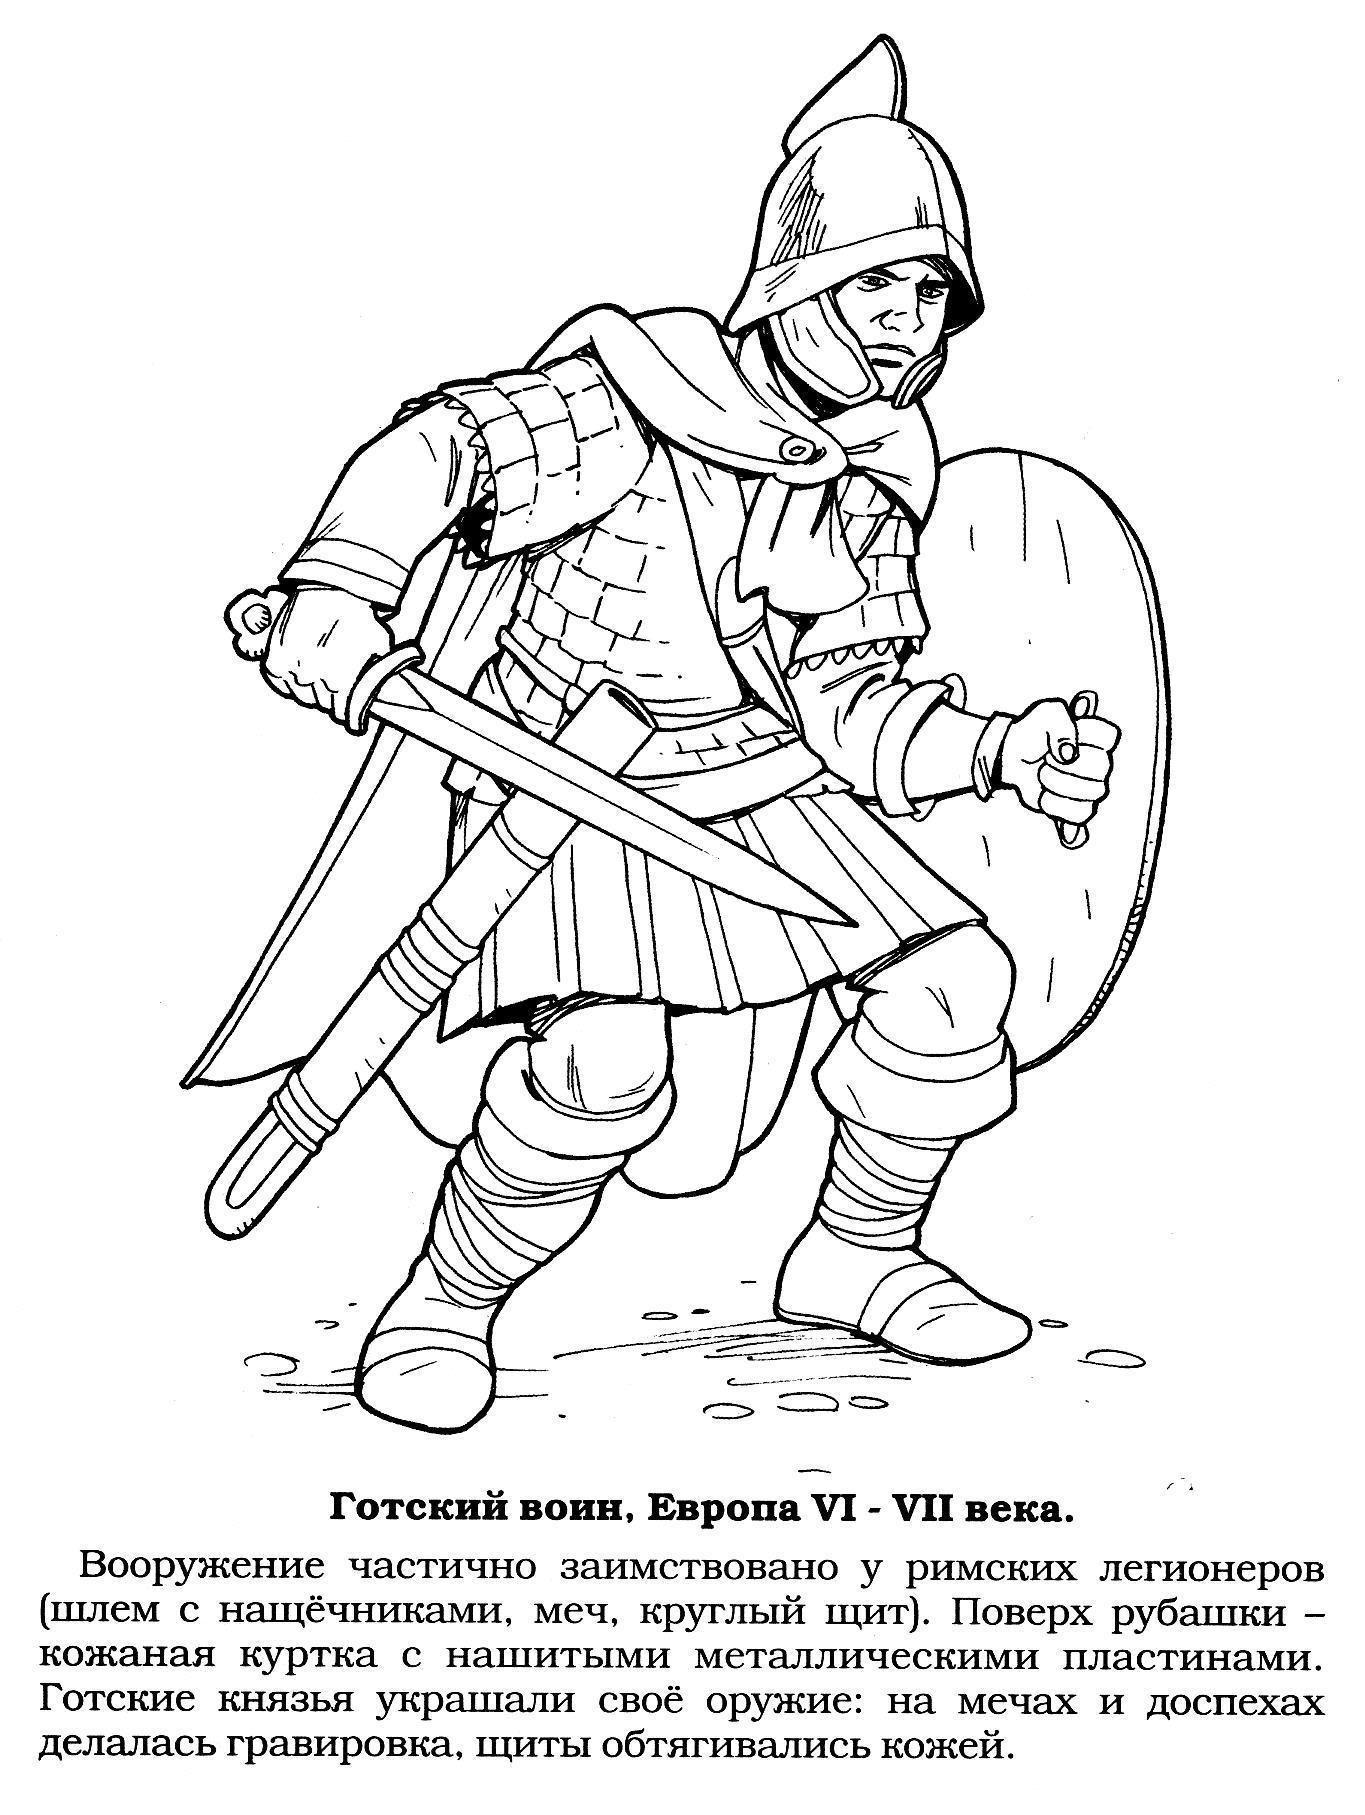 Готский воин Раскрашивать раскраски для мальчиков